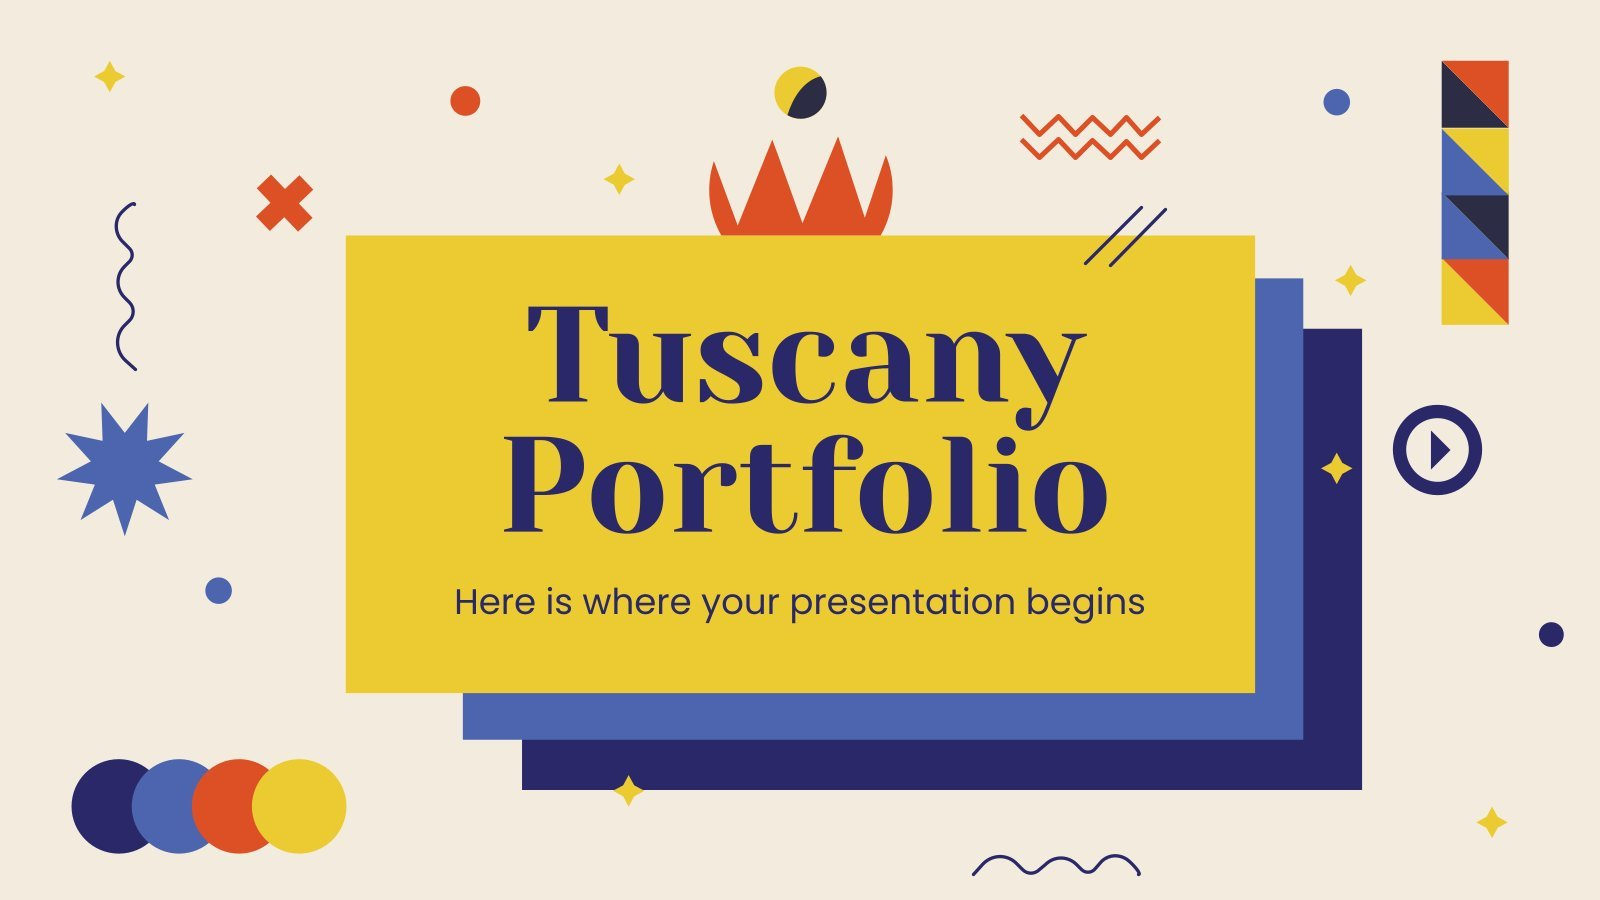 Plantilla de presentación Portafolio Tuscany